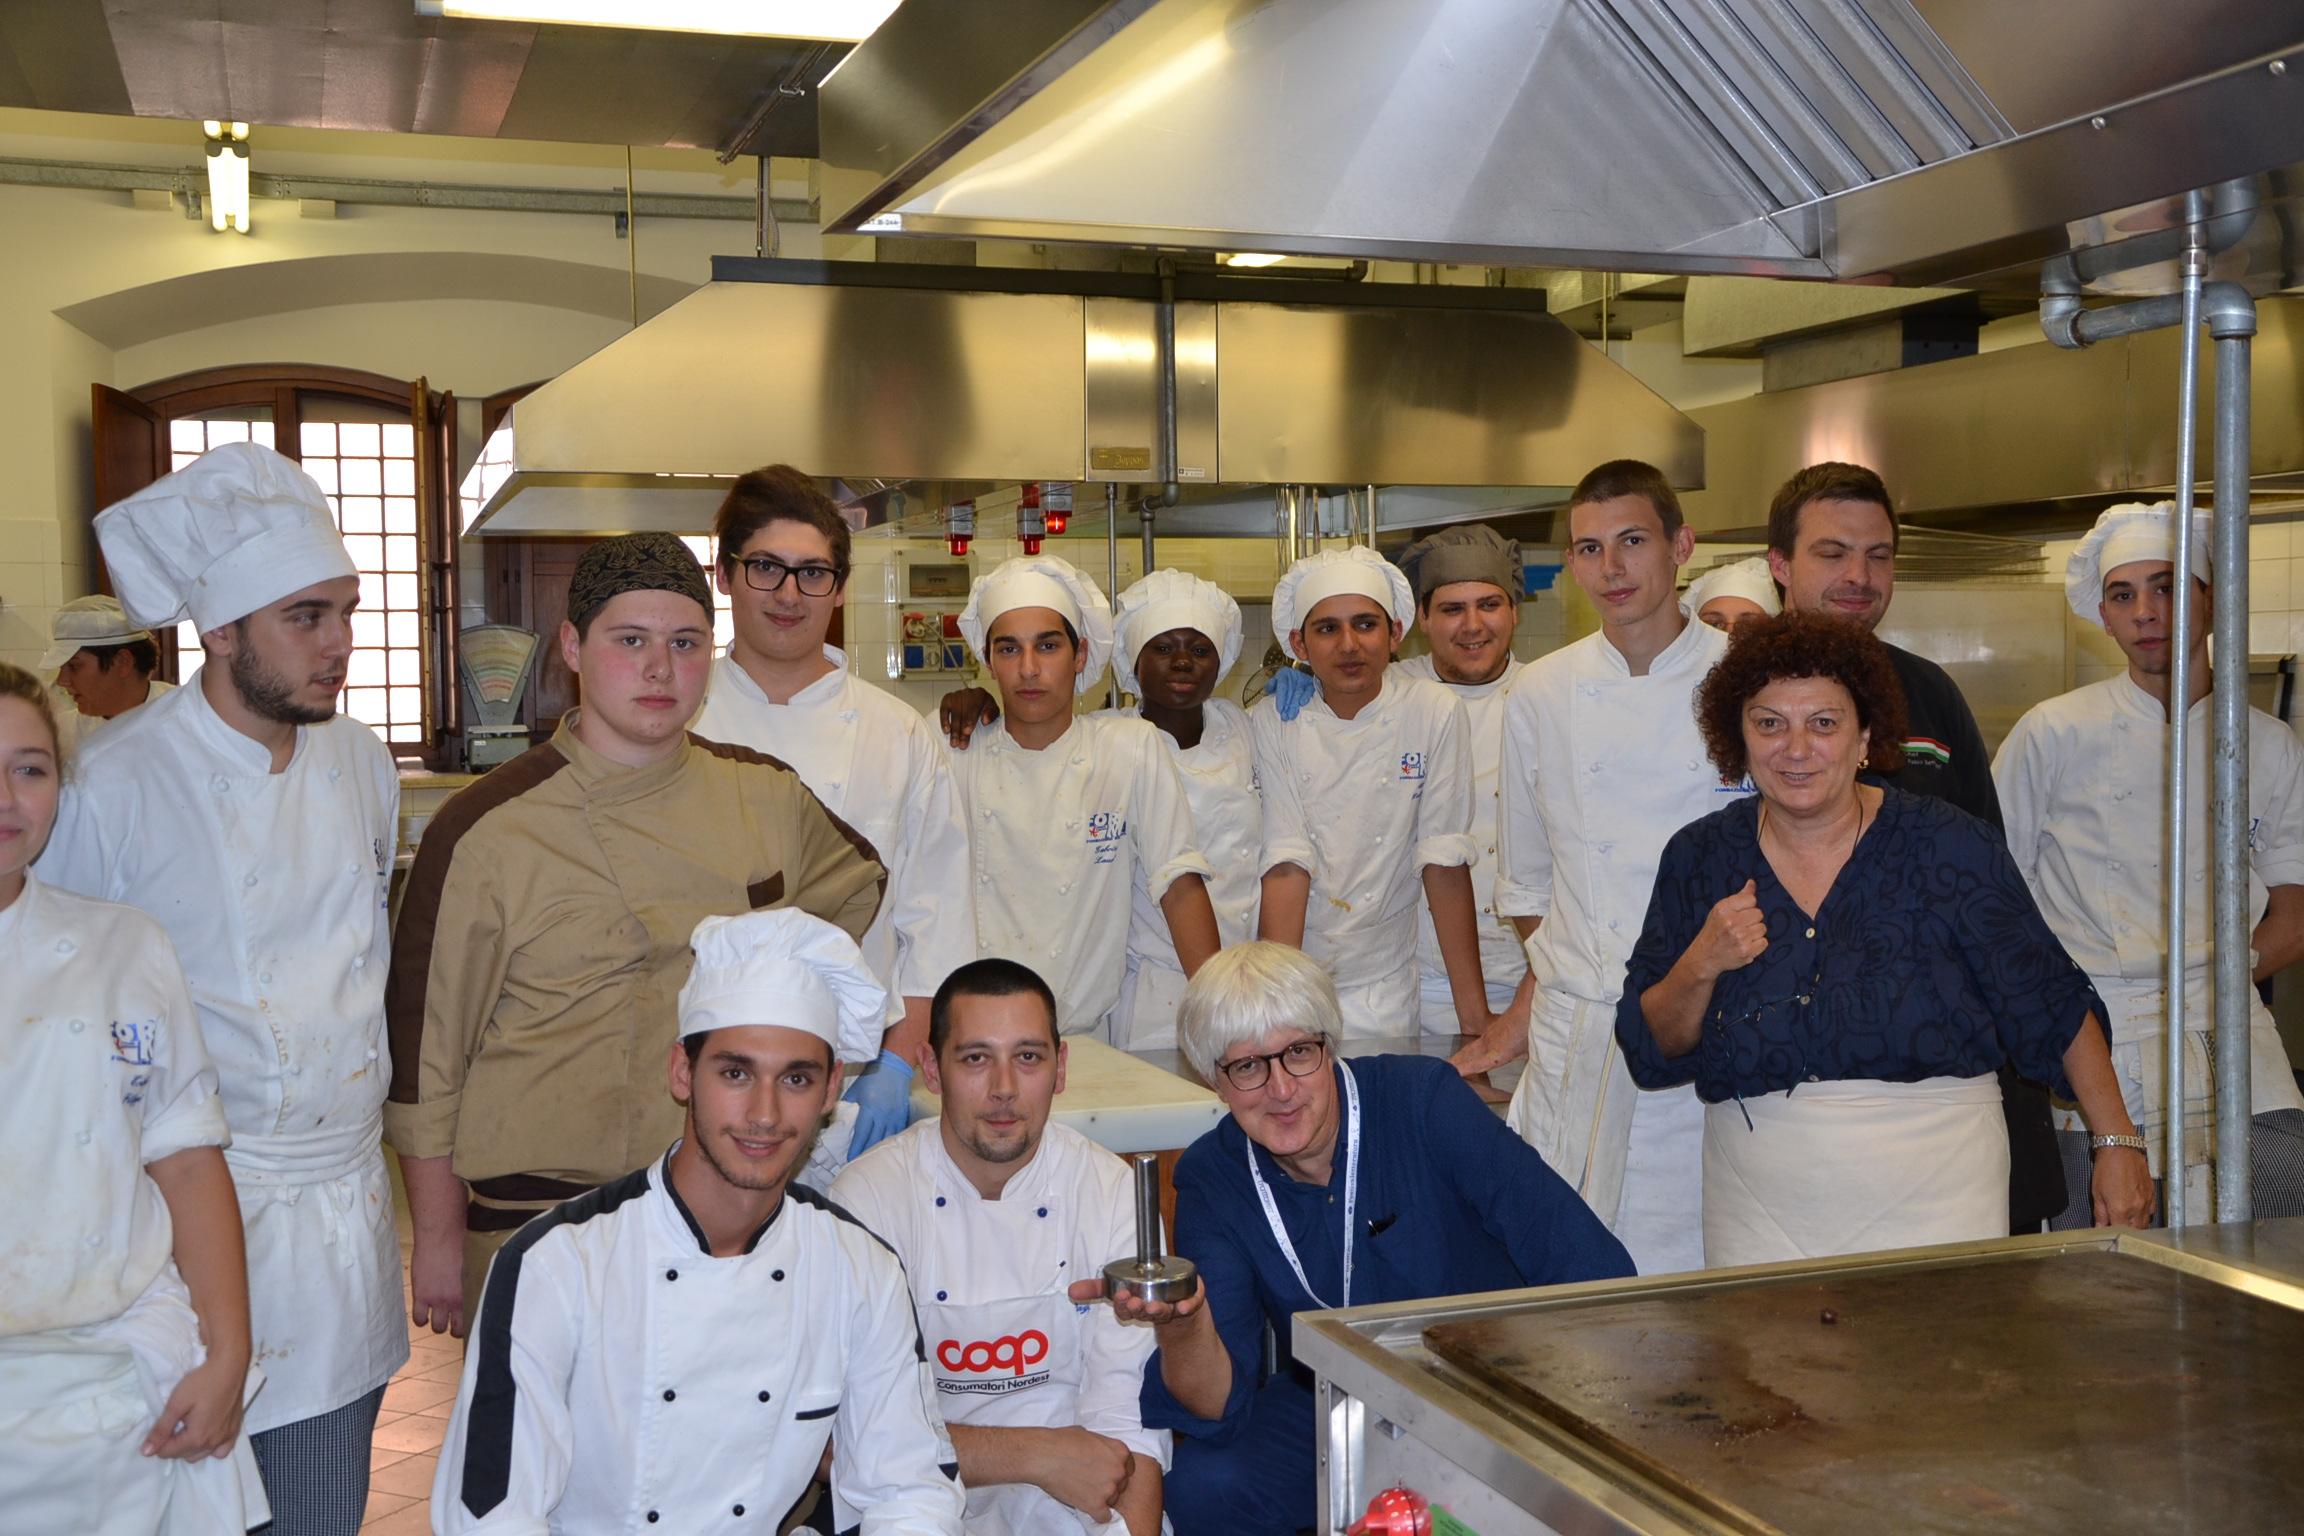 La voce di mantova 05 04 14 beppe severgnini tra gli chef della mensa - La cucina mantova ...